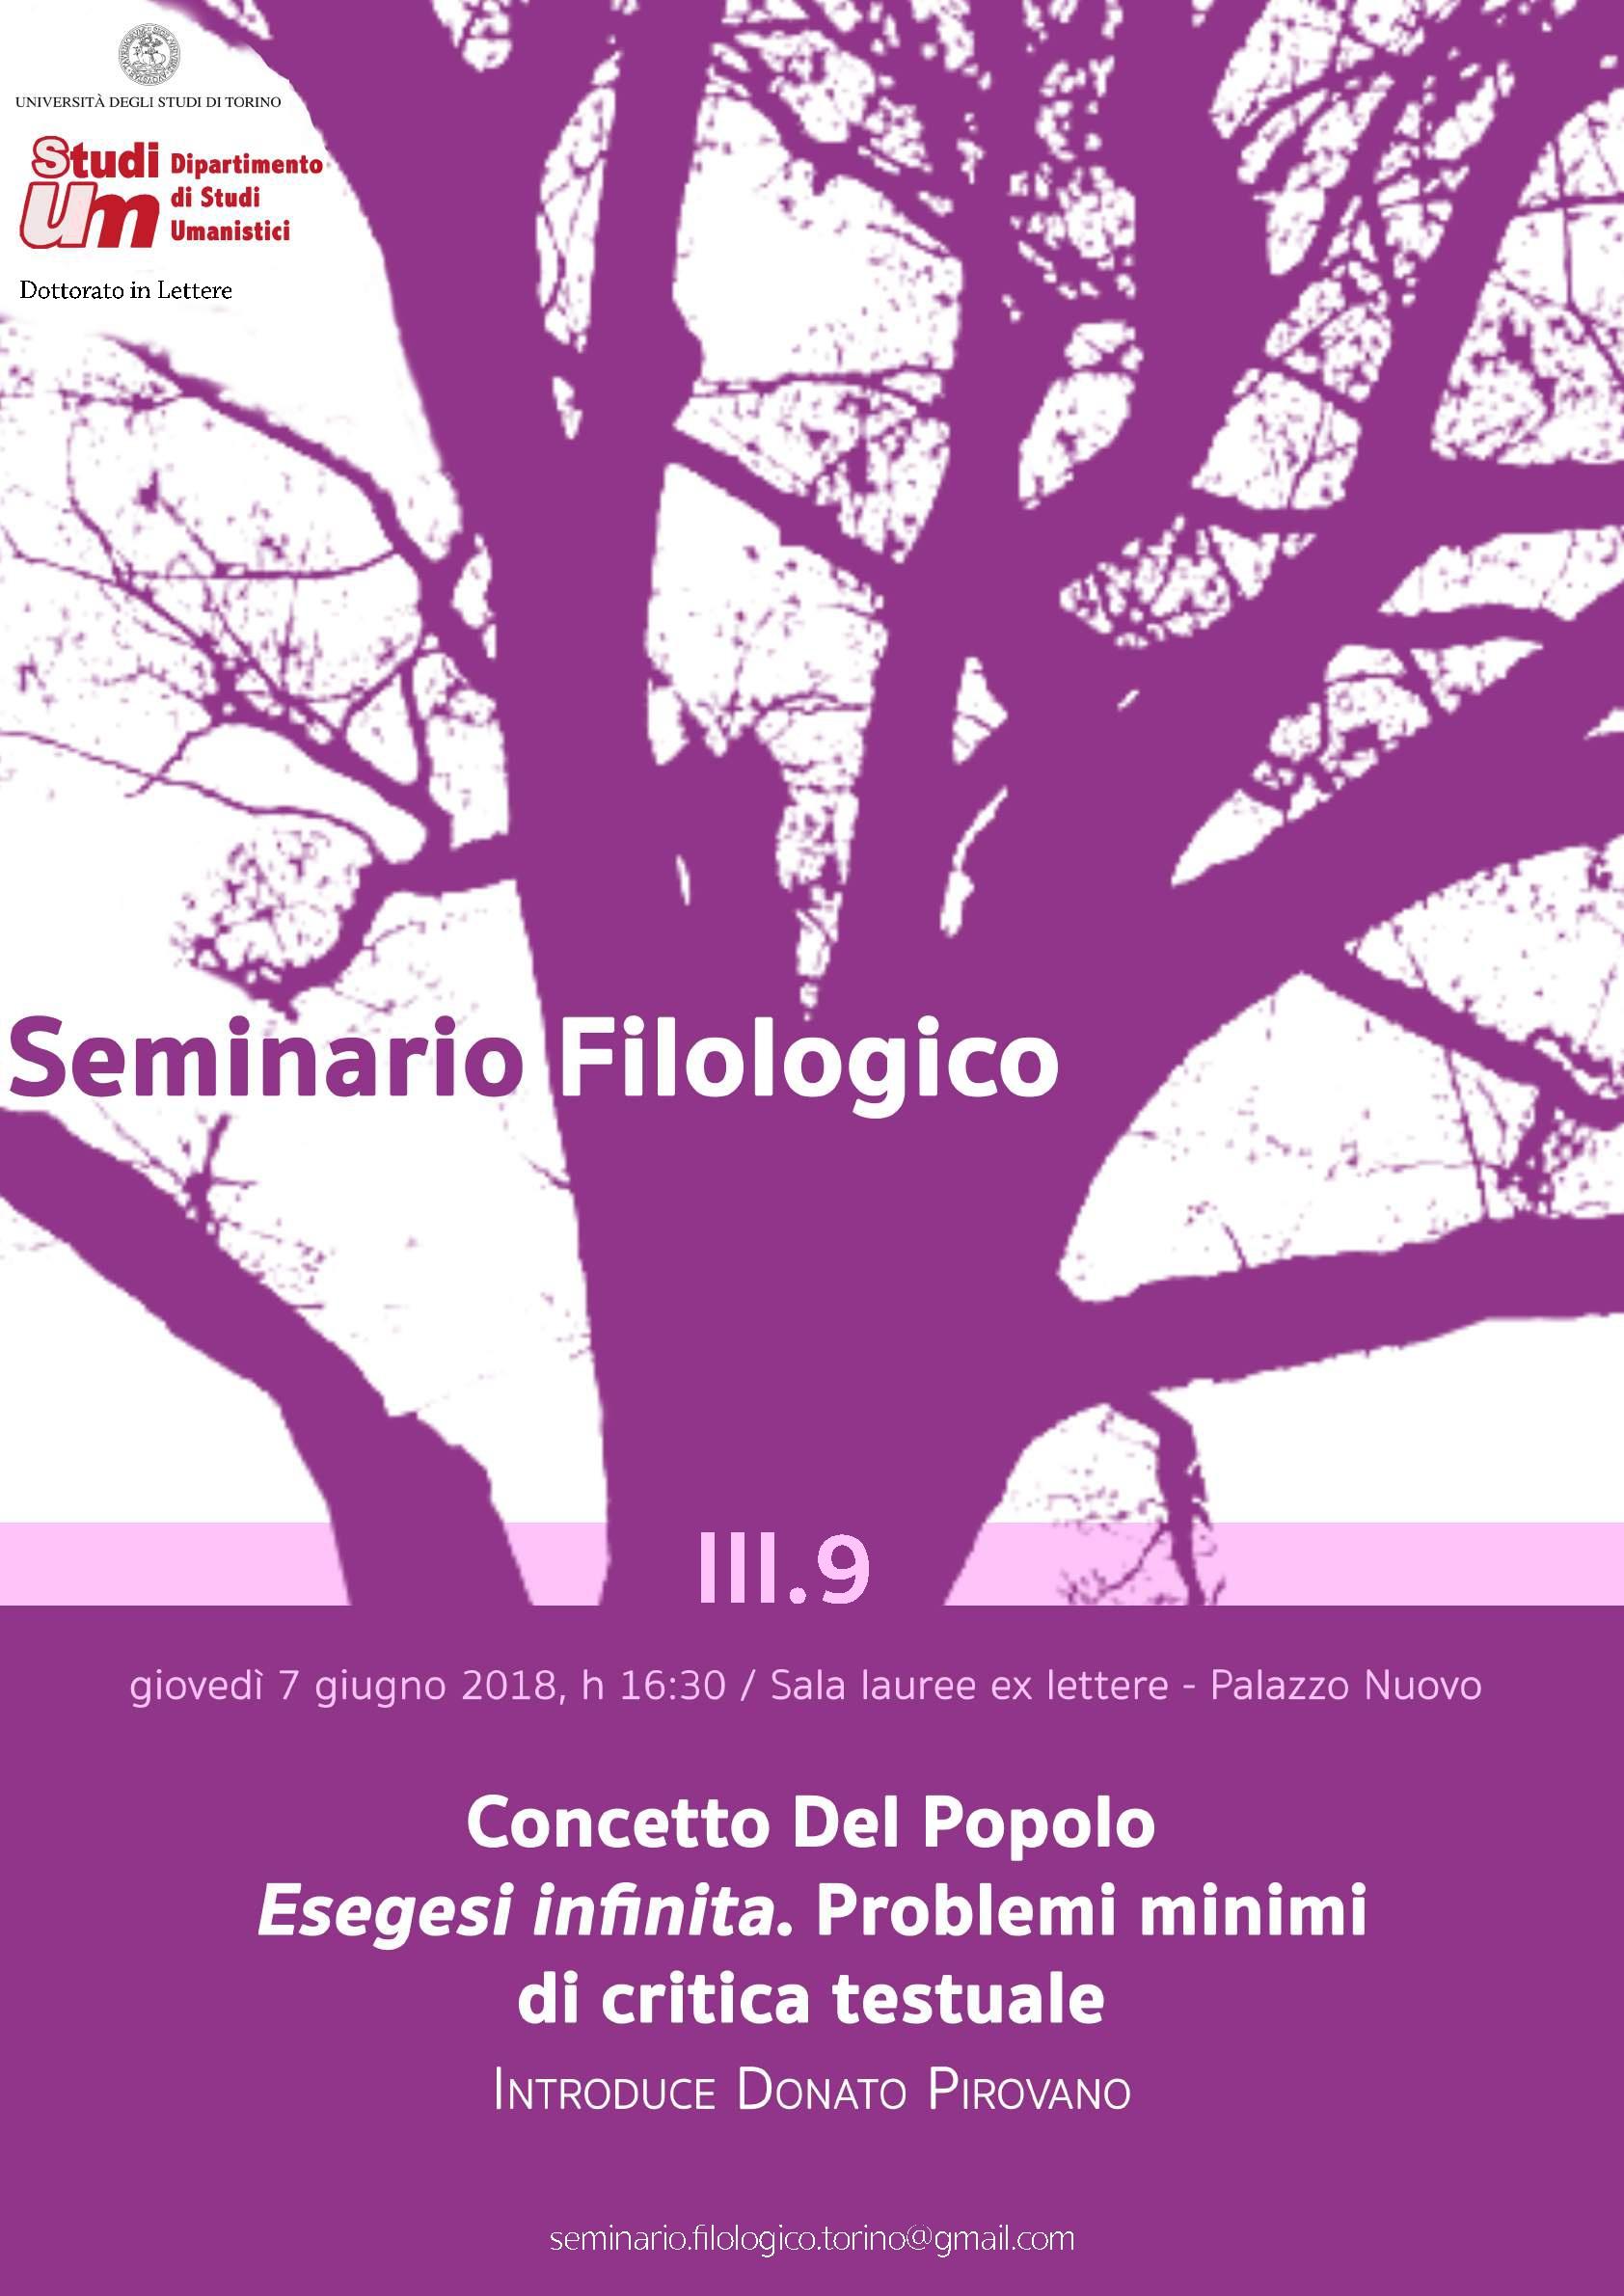 Invito_Del Popolo_Esegesi Infinita.compressed-001